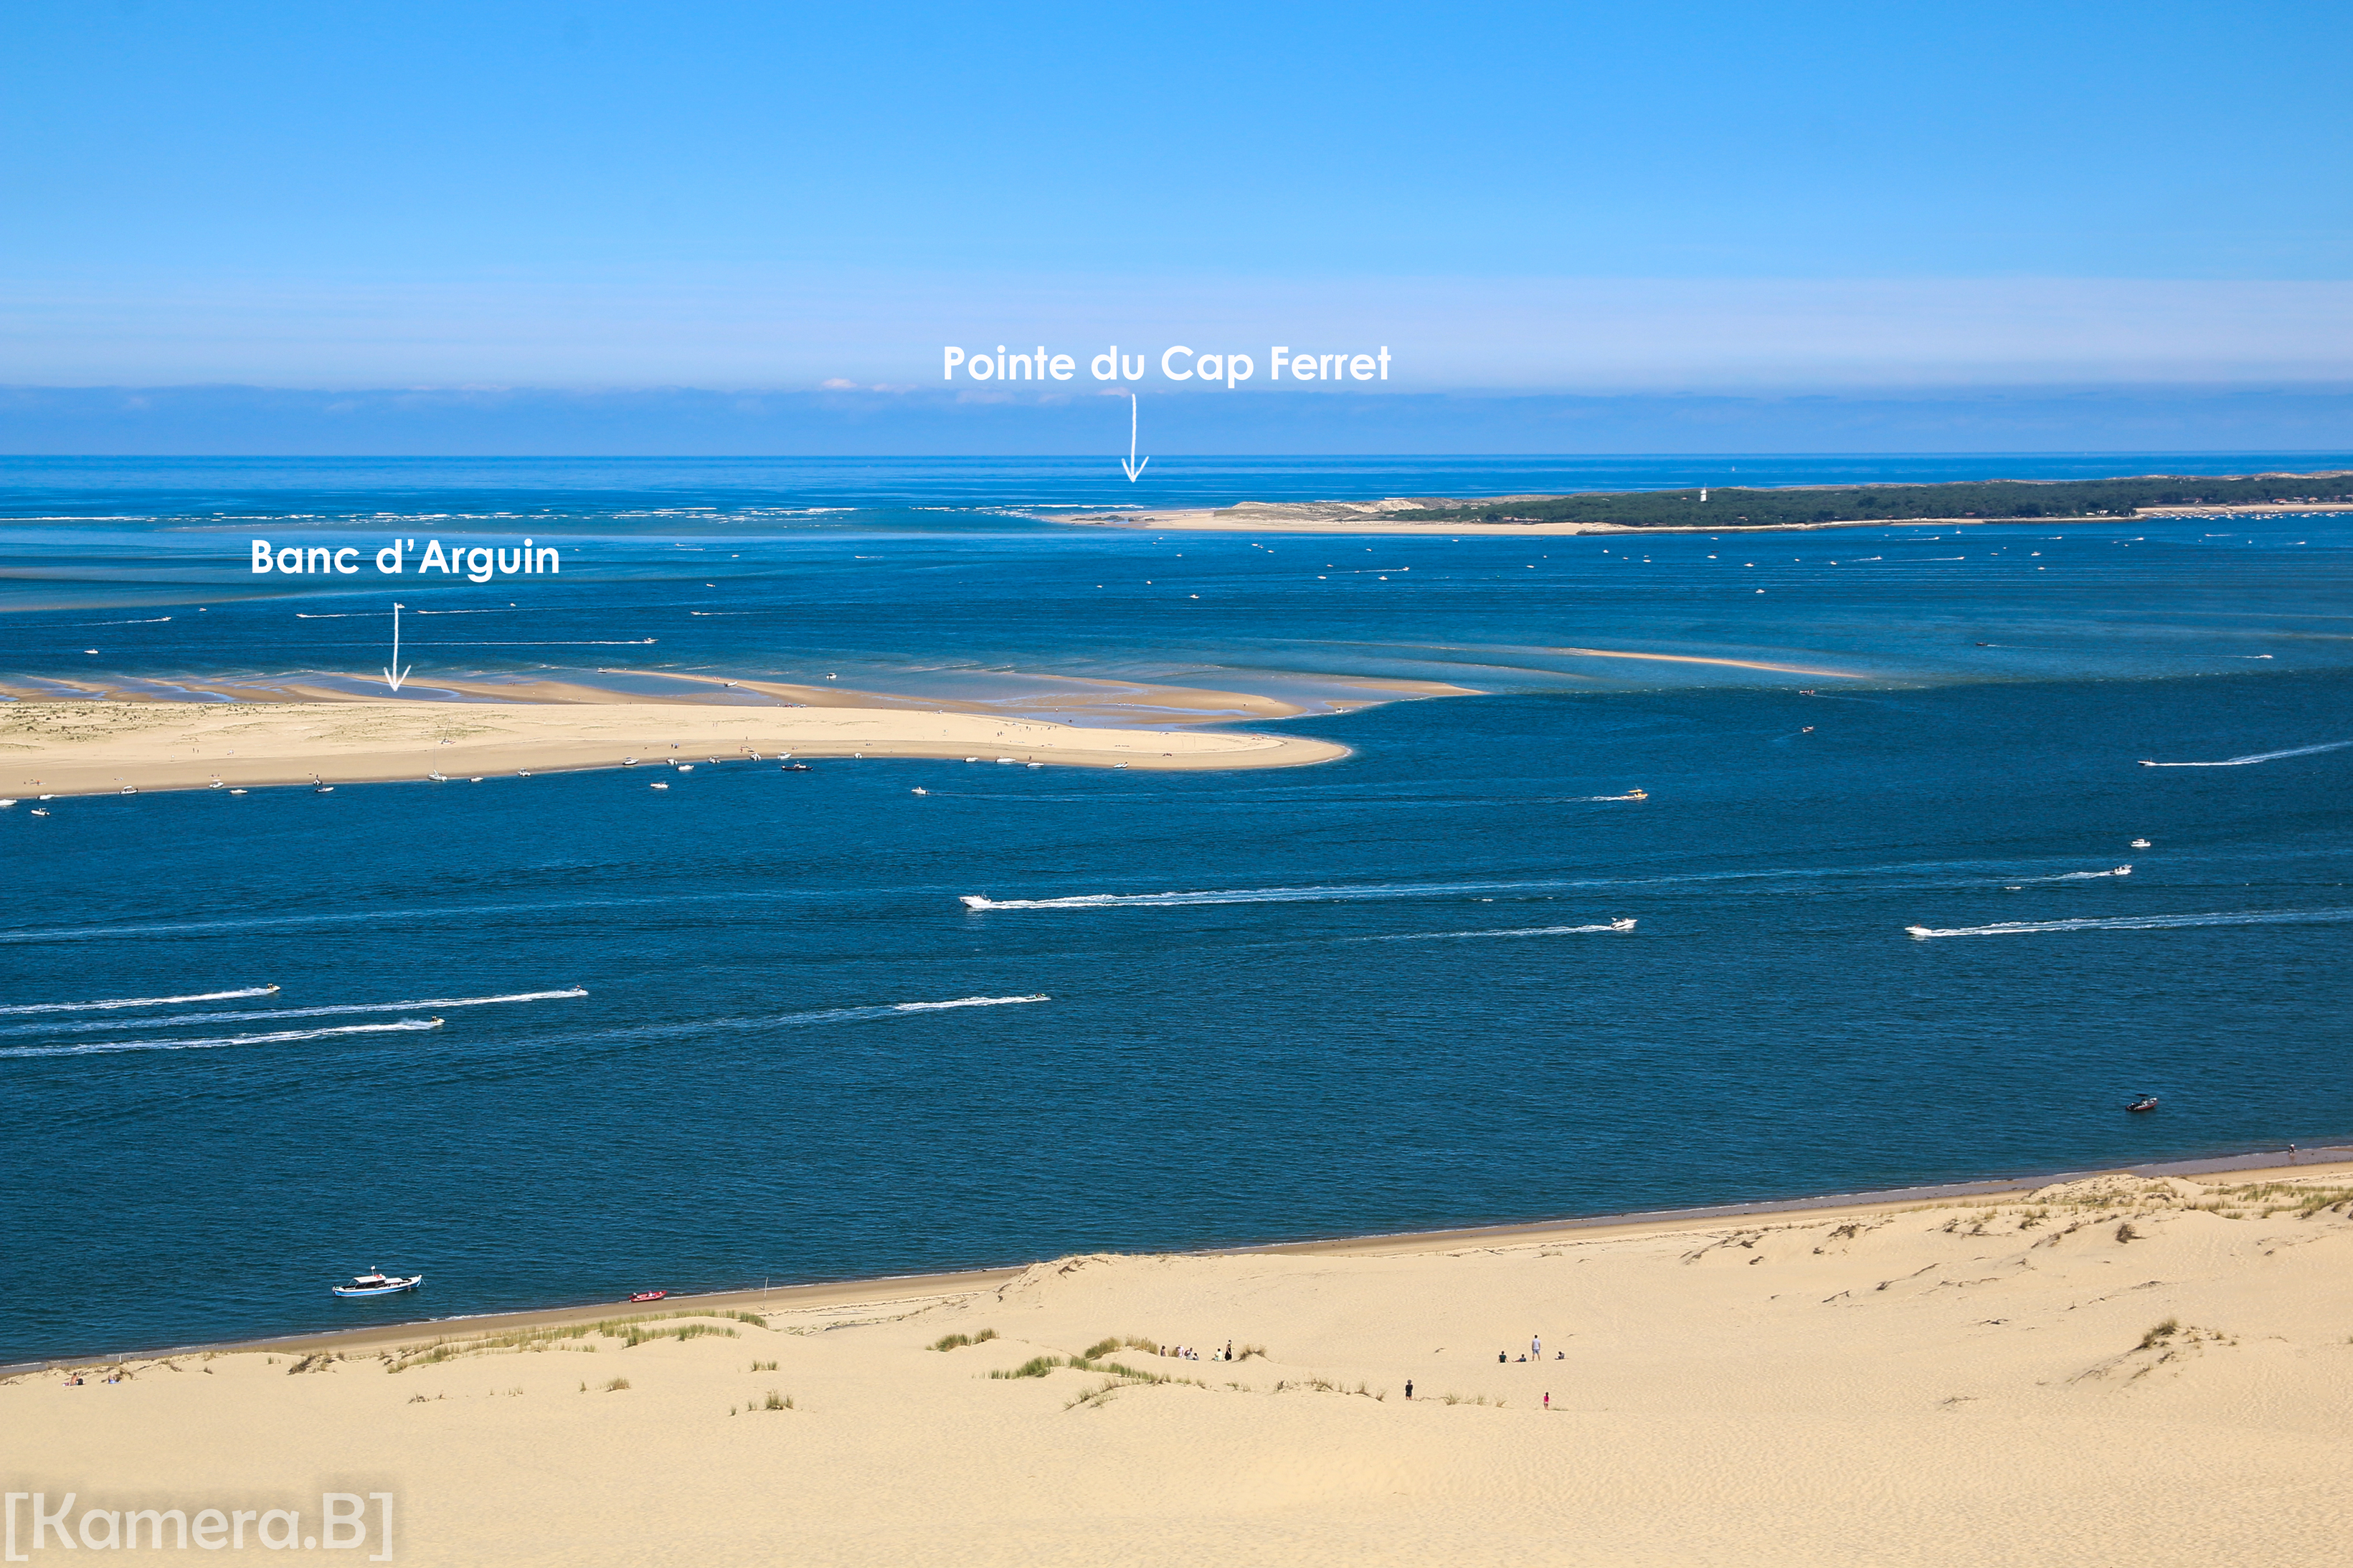 Vu sur le banc d'Arguin et la pointe du Cap Ferret depuis la dune du Pilat